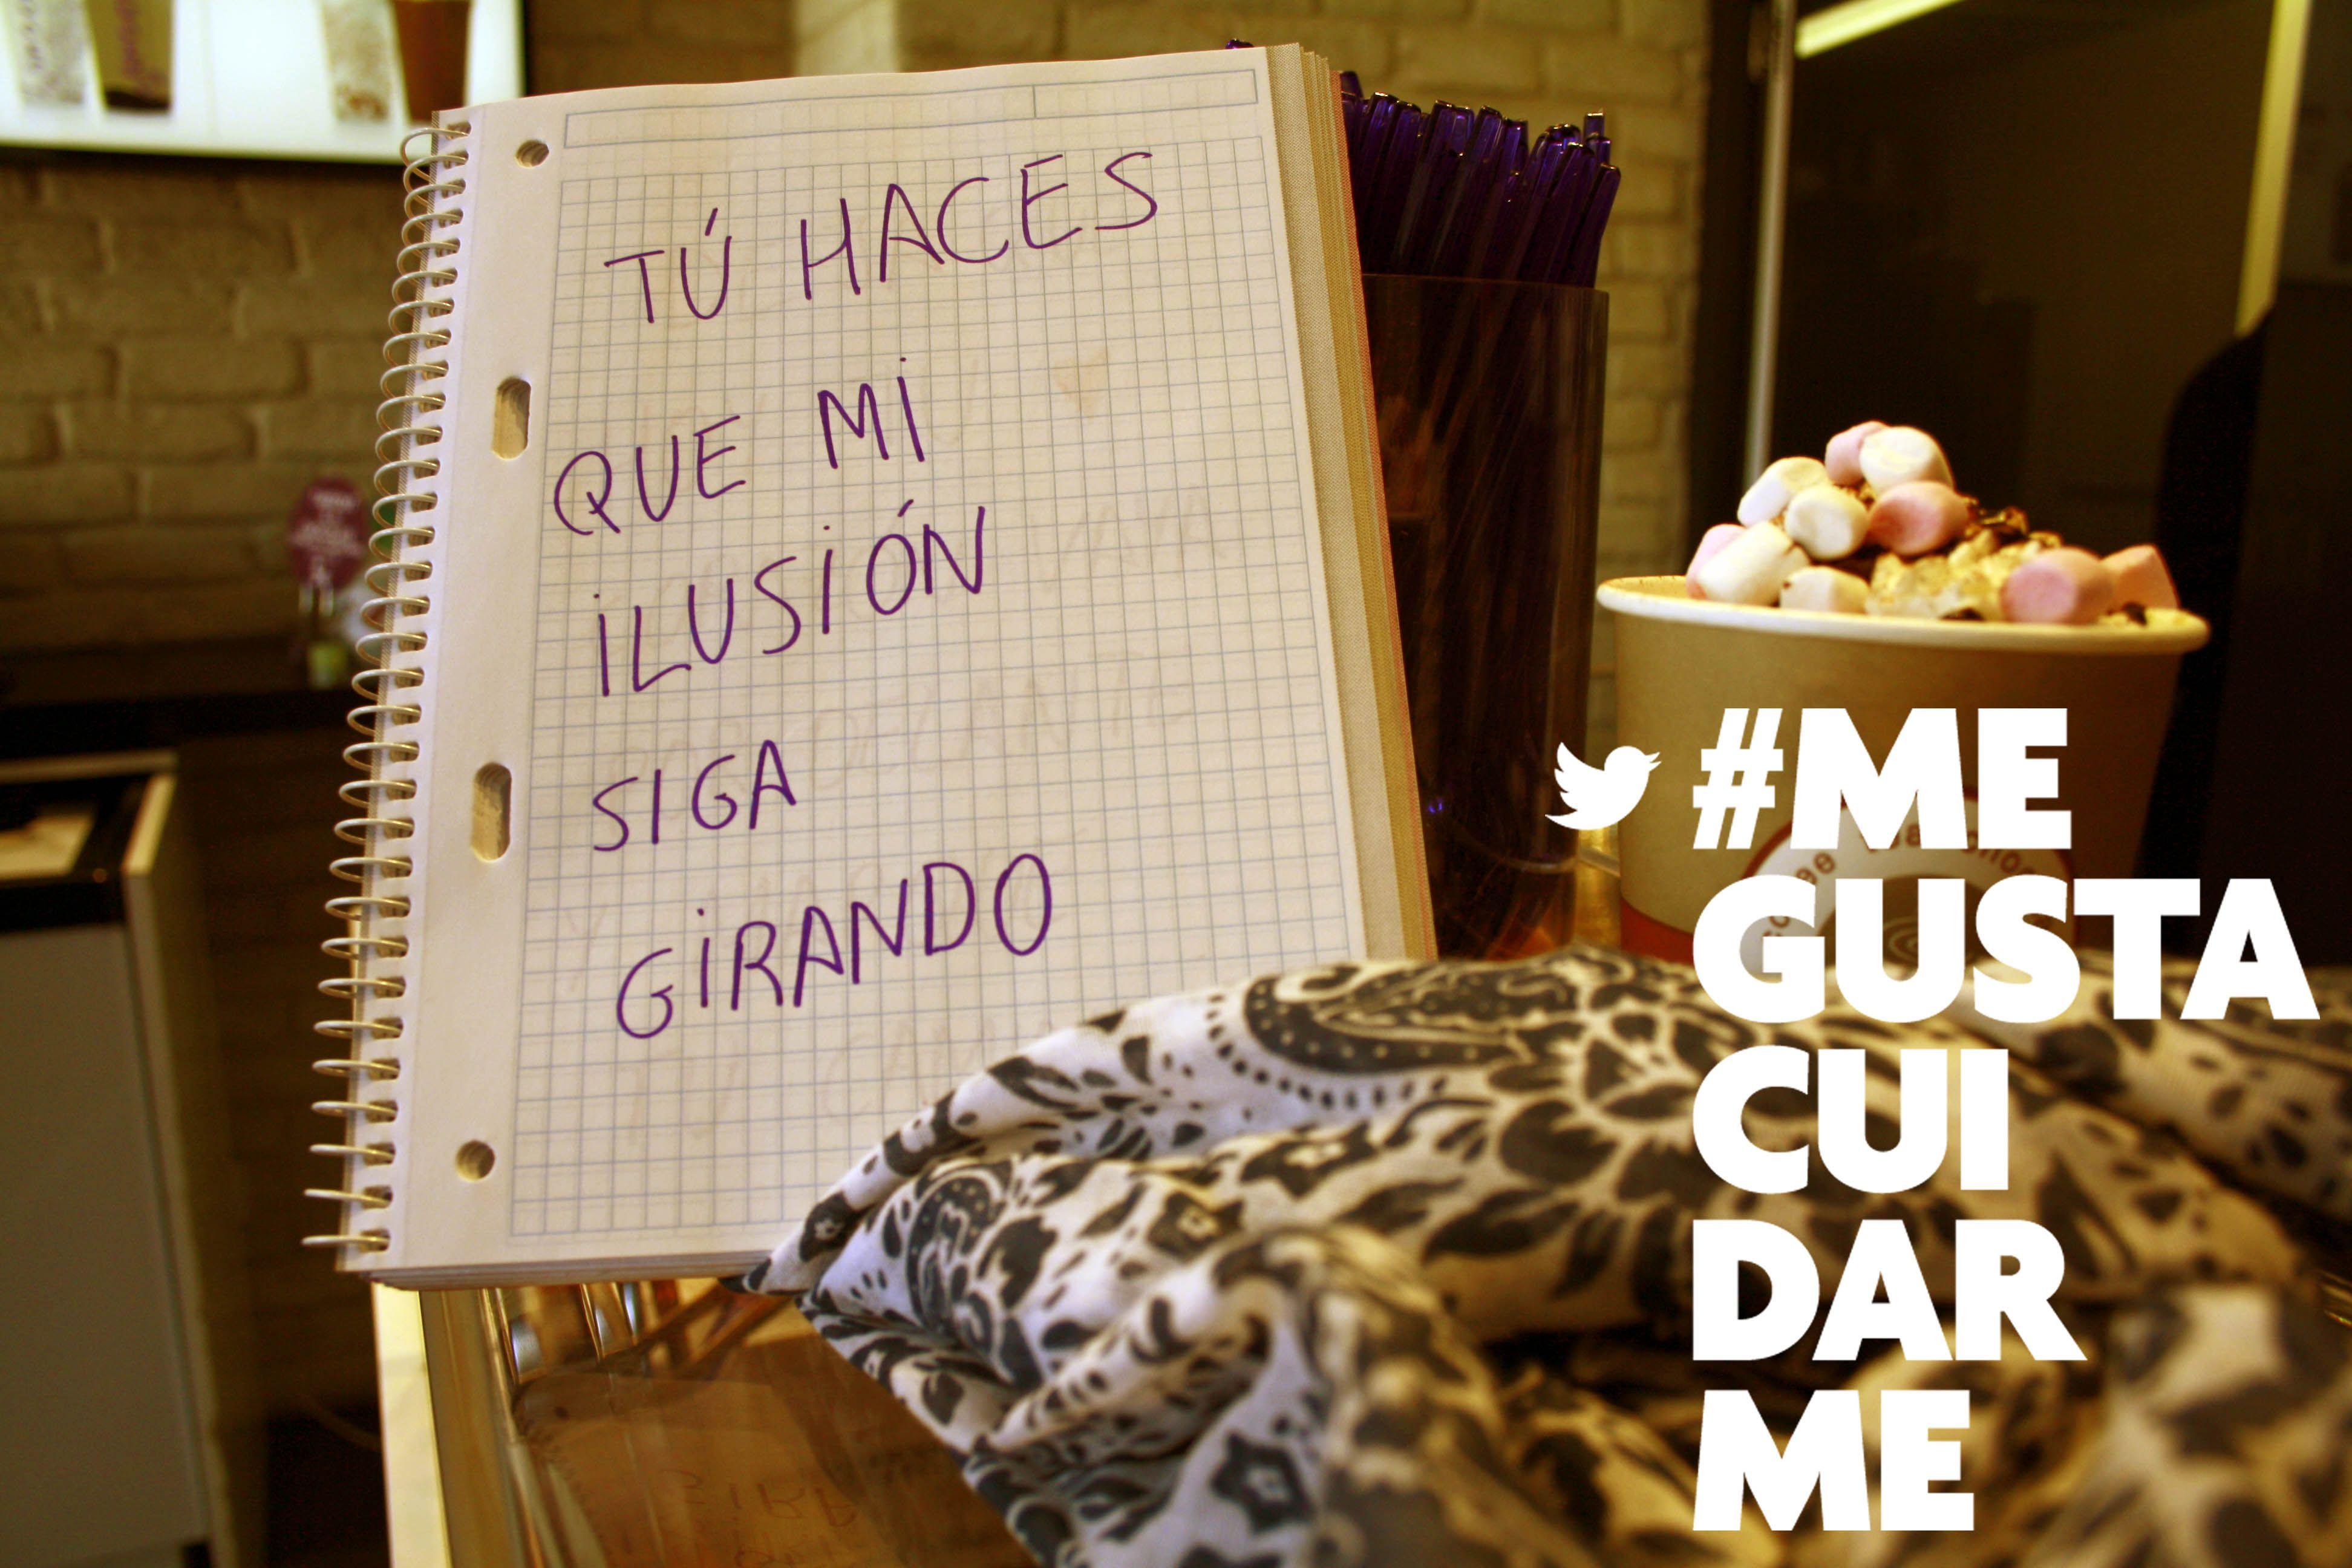 Tú haces que mi ilusión siga girando www.valencianashock.com